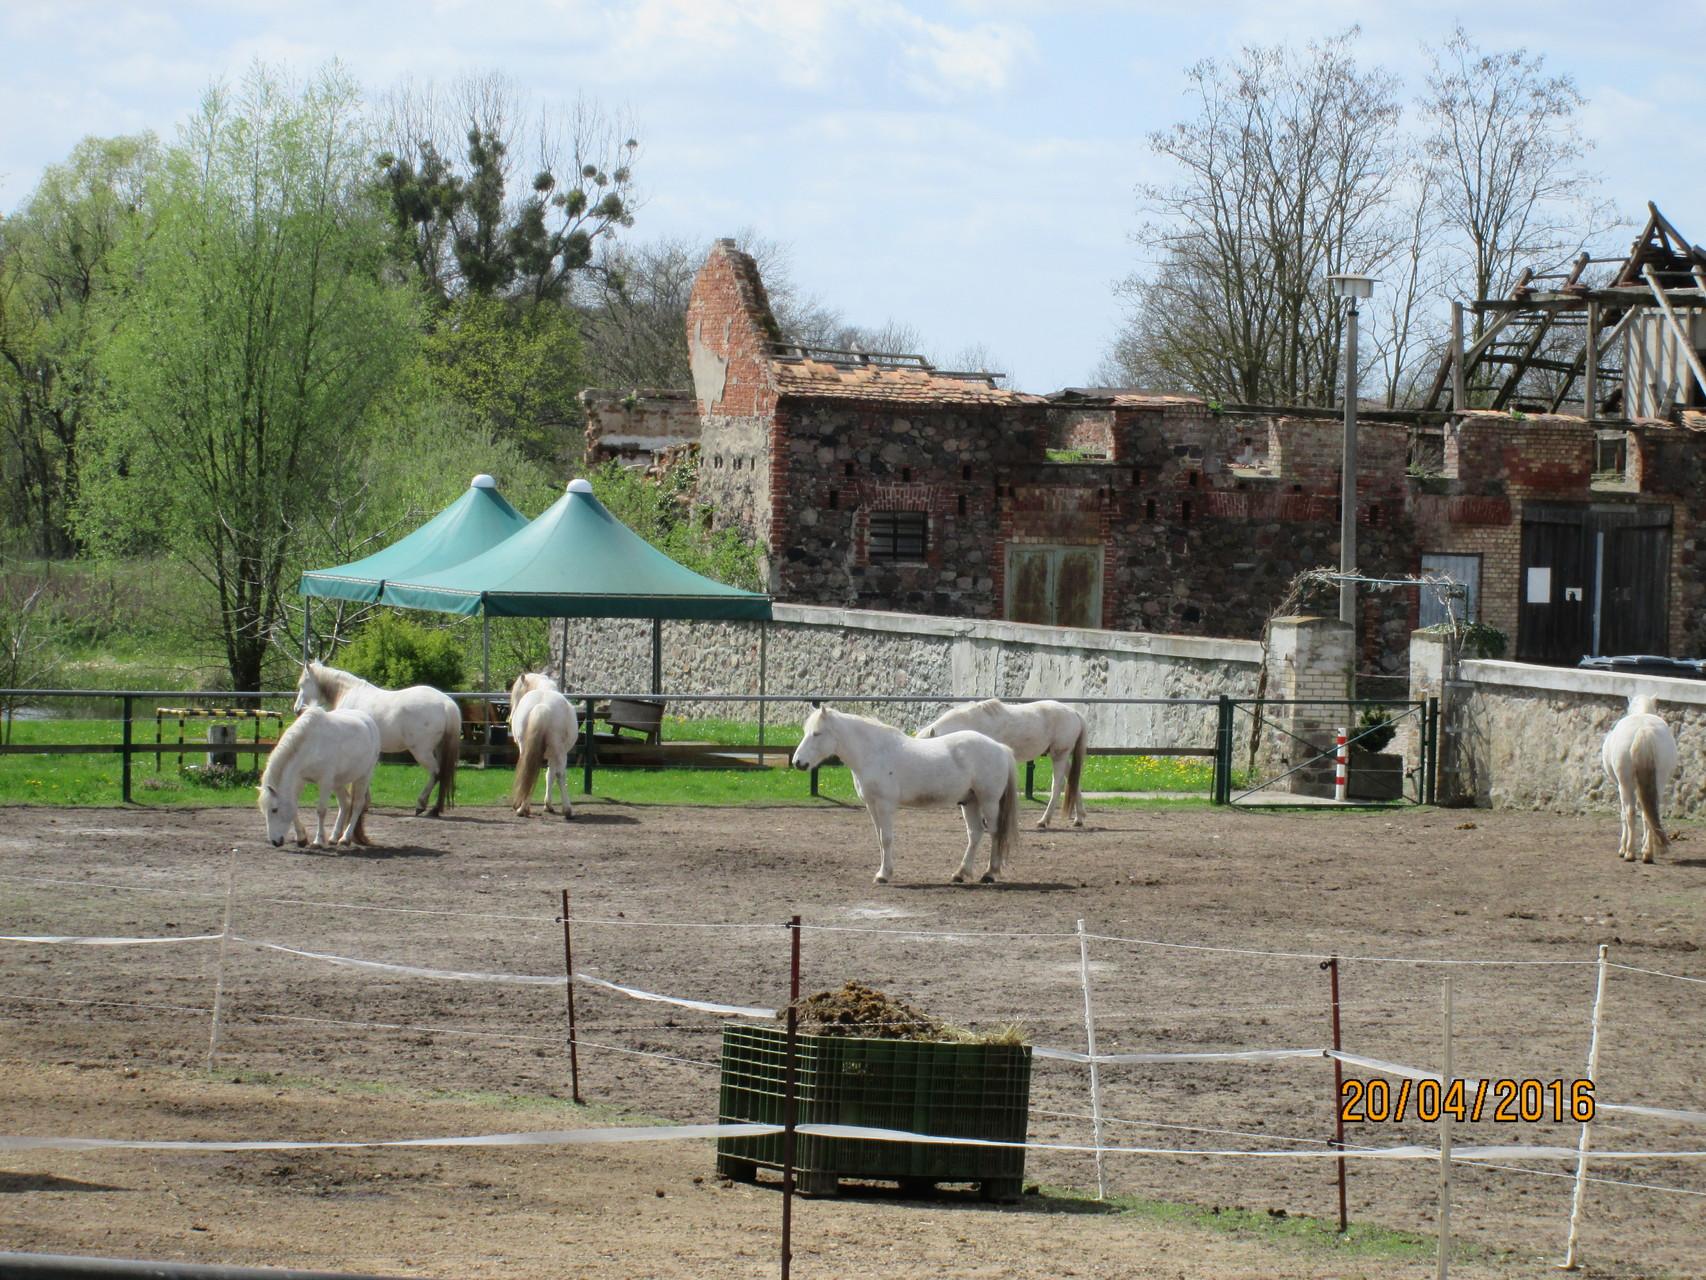 ist so manches weiße Pferd aus dem Traum in die Wirklichkeit galoppiert...